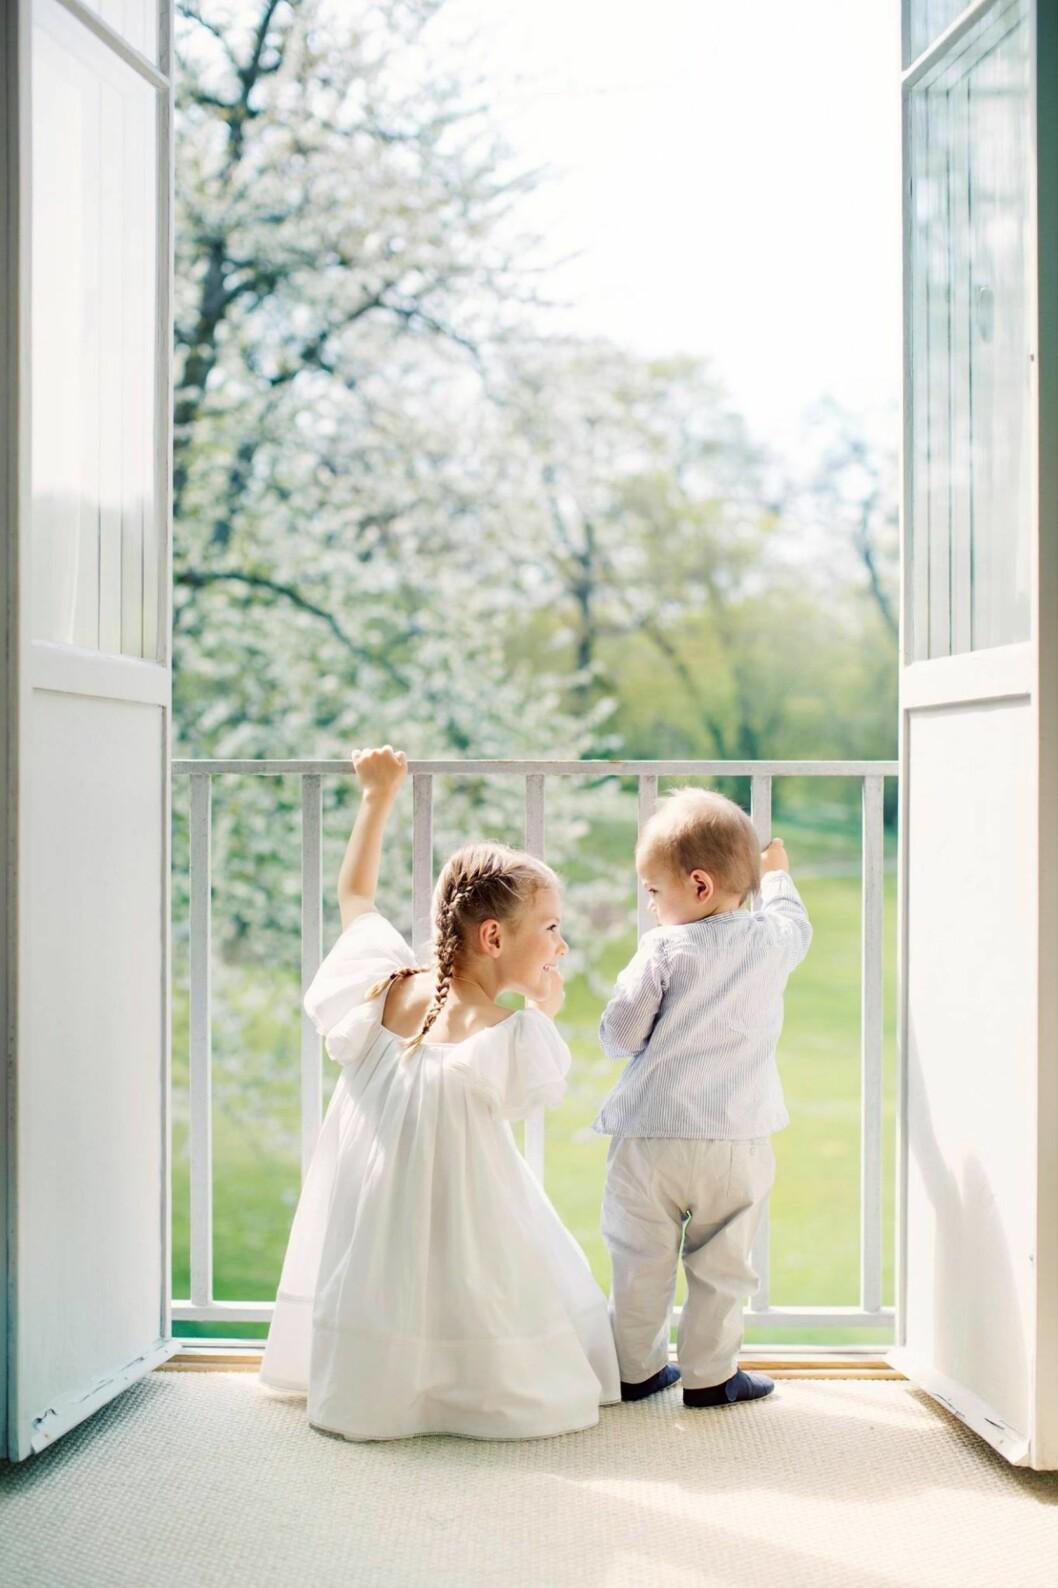 KONGELIGE BARN: Prinsesse Estelle og prins Oscar trives i hverandres selskap. Dette bildet er tatt på Haga slott i juni 2017. Foto: Erika Gerdemark / Kungahuset.se